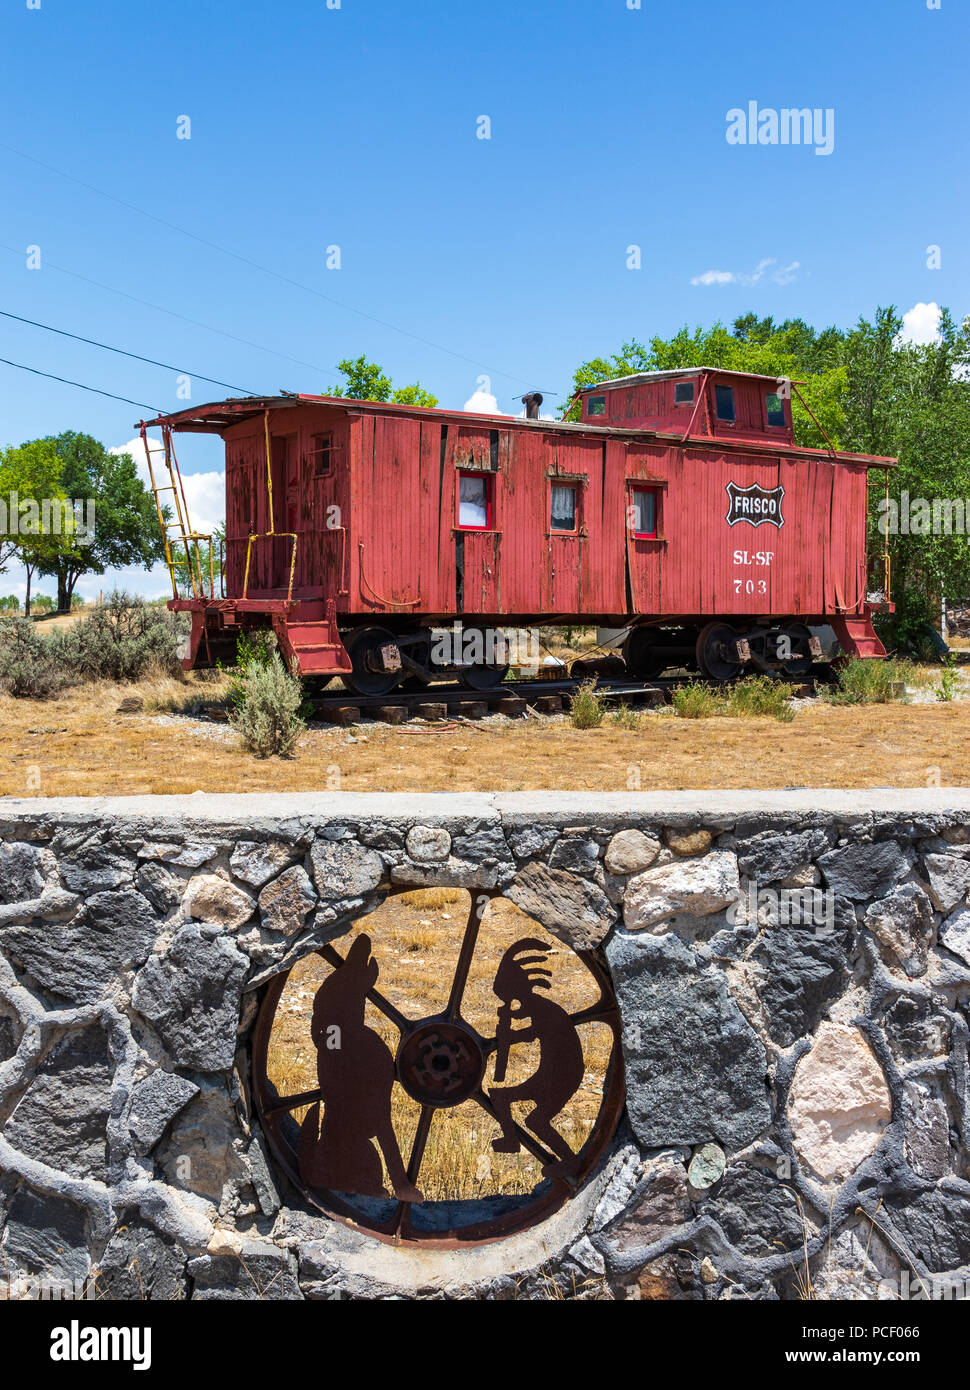 TAOS, NM, Stati Uniti d'America-12 luglio 18: una parete di roccia con metallo iconica figure di Kokopelli e Coyote incastrata dentro di essa, con un treno caboose al di là. Immagini Stock